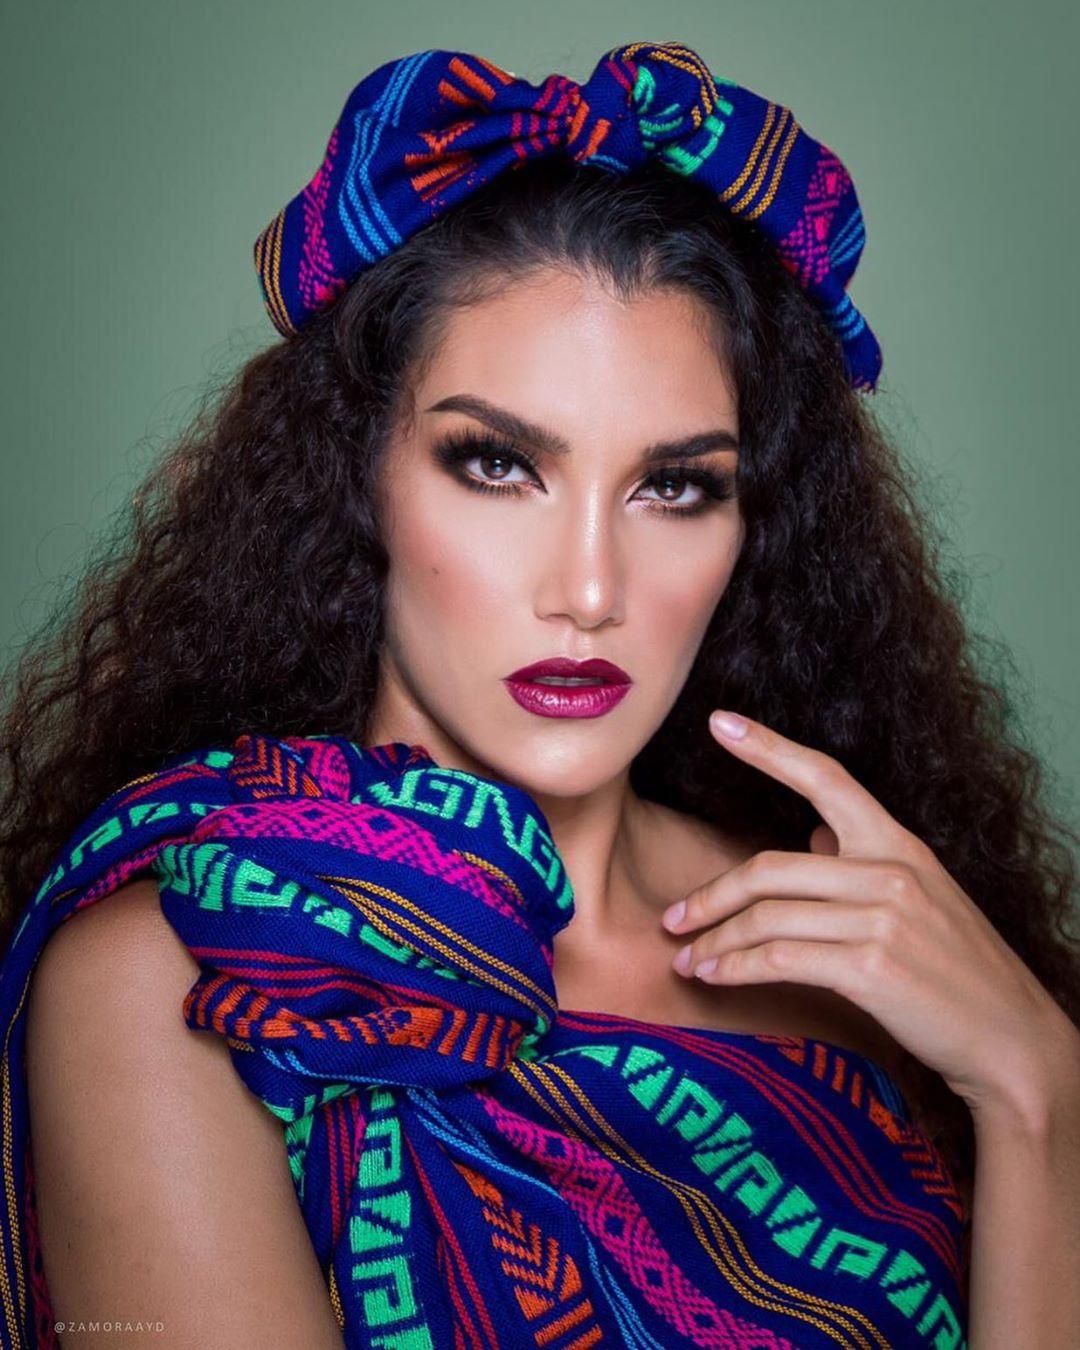 georgina vargas, candidata a miss mexico 2020, representando coahuila. - Página 2 70112511